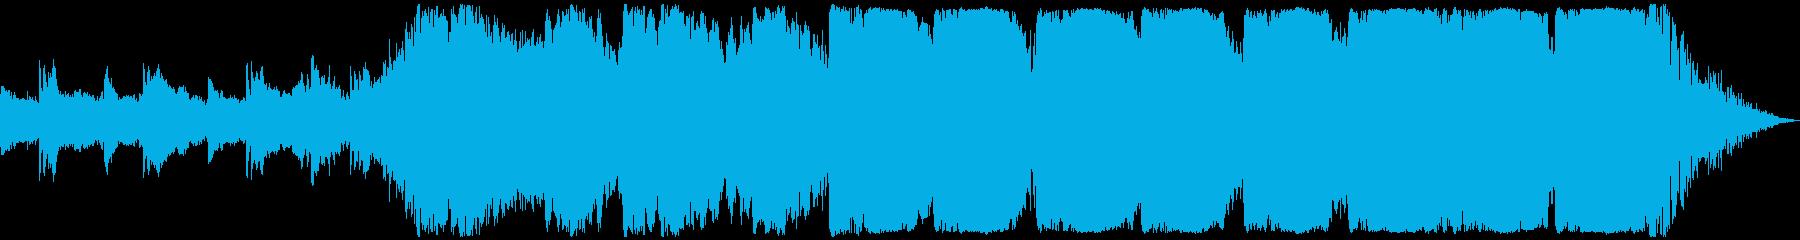 感情的な高揚-(ショートバージョン)の再生済みの波形